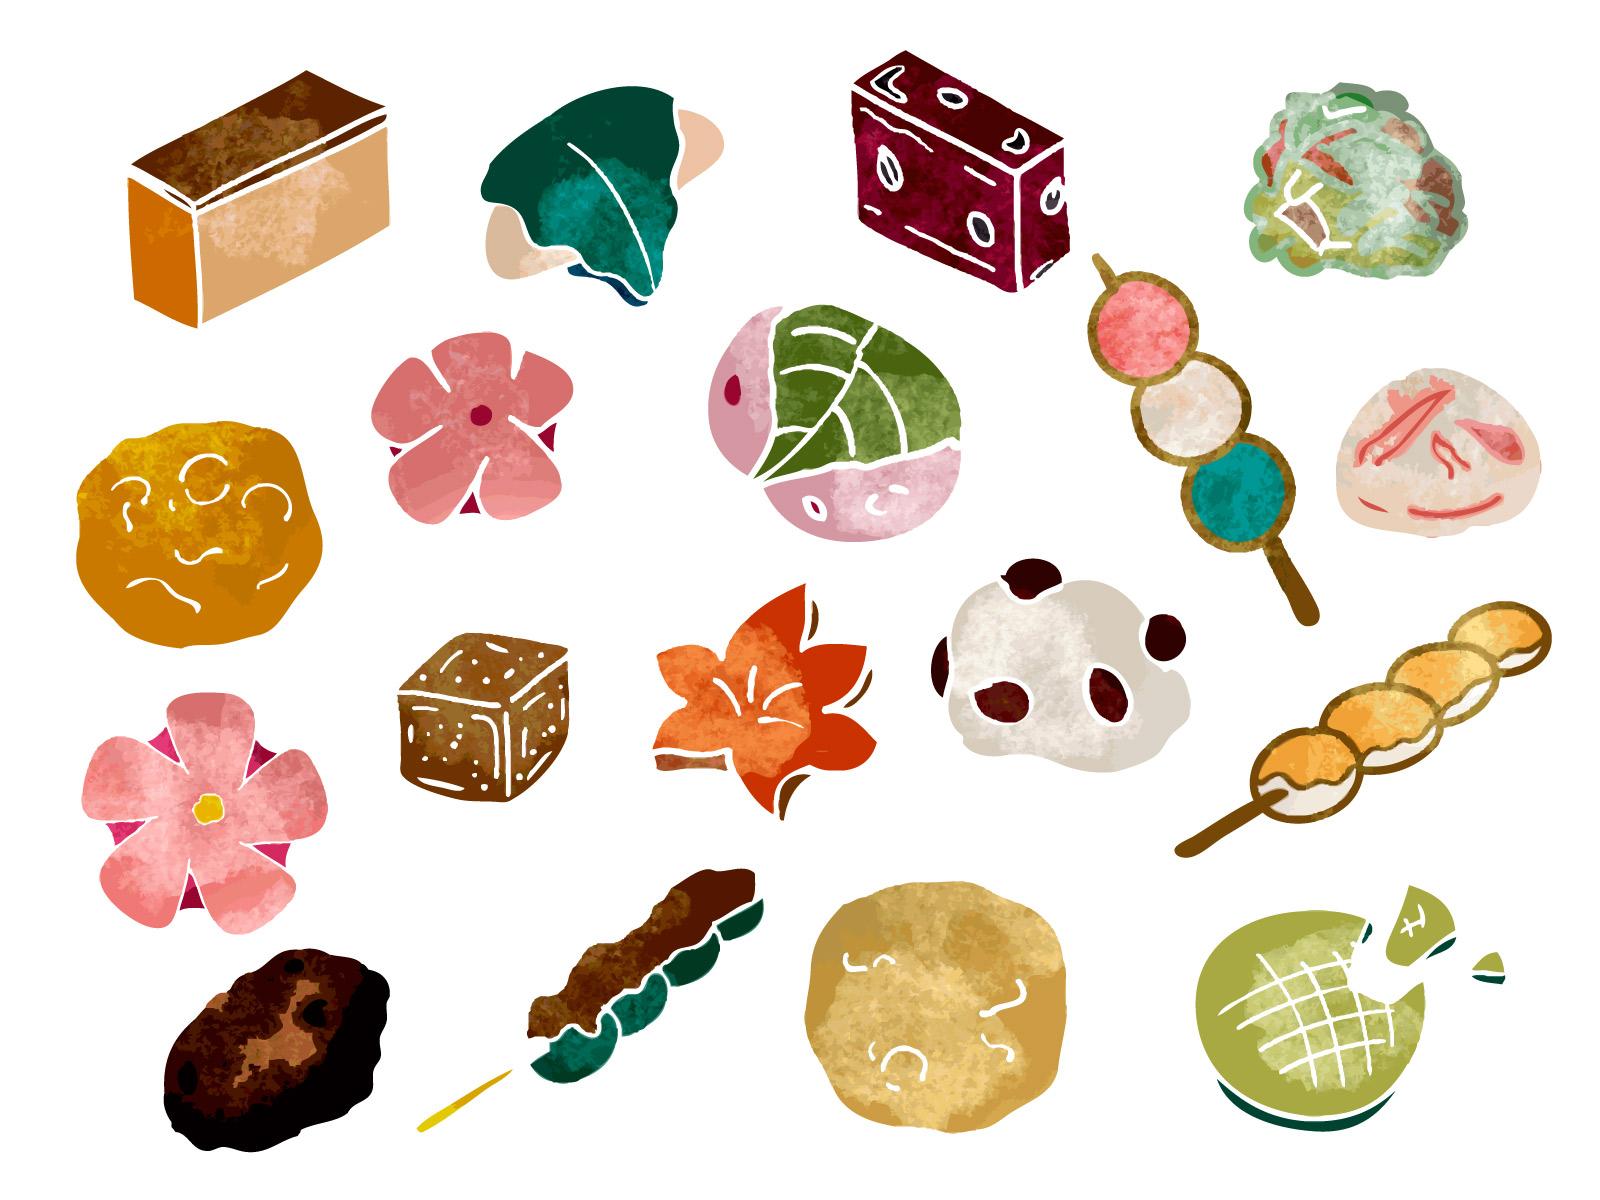 【お年寄りの好きなお菓子15選】高齢者が喜ぶ!!食べやすい&懐かしいものを紹介